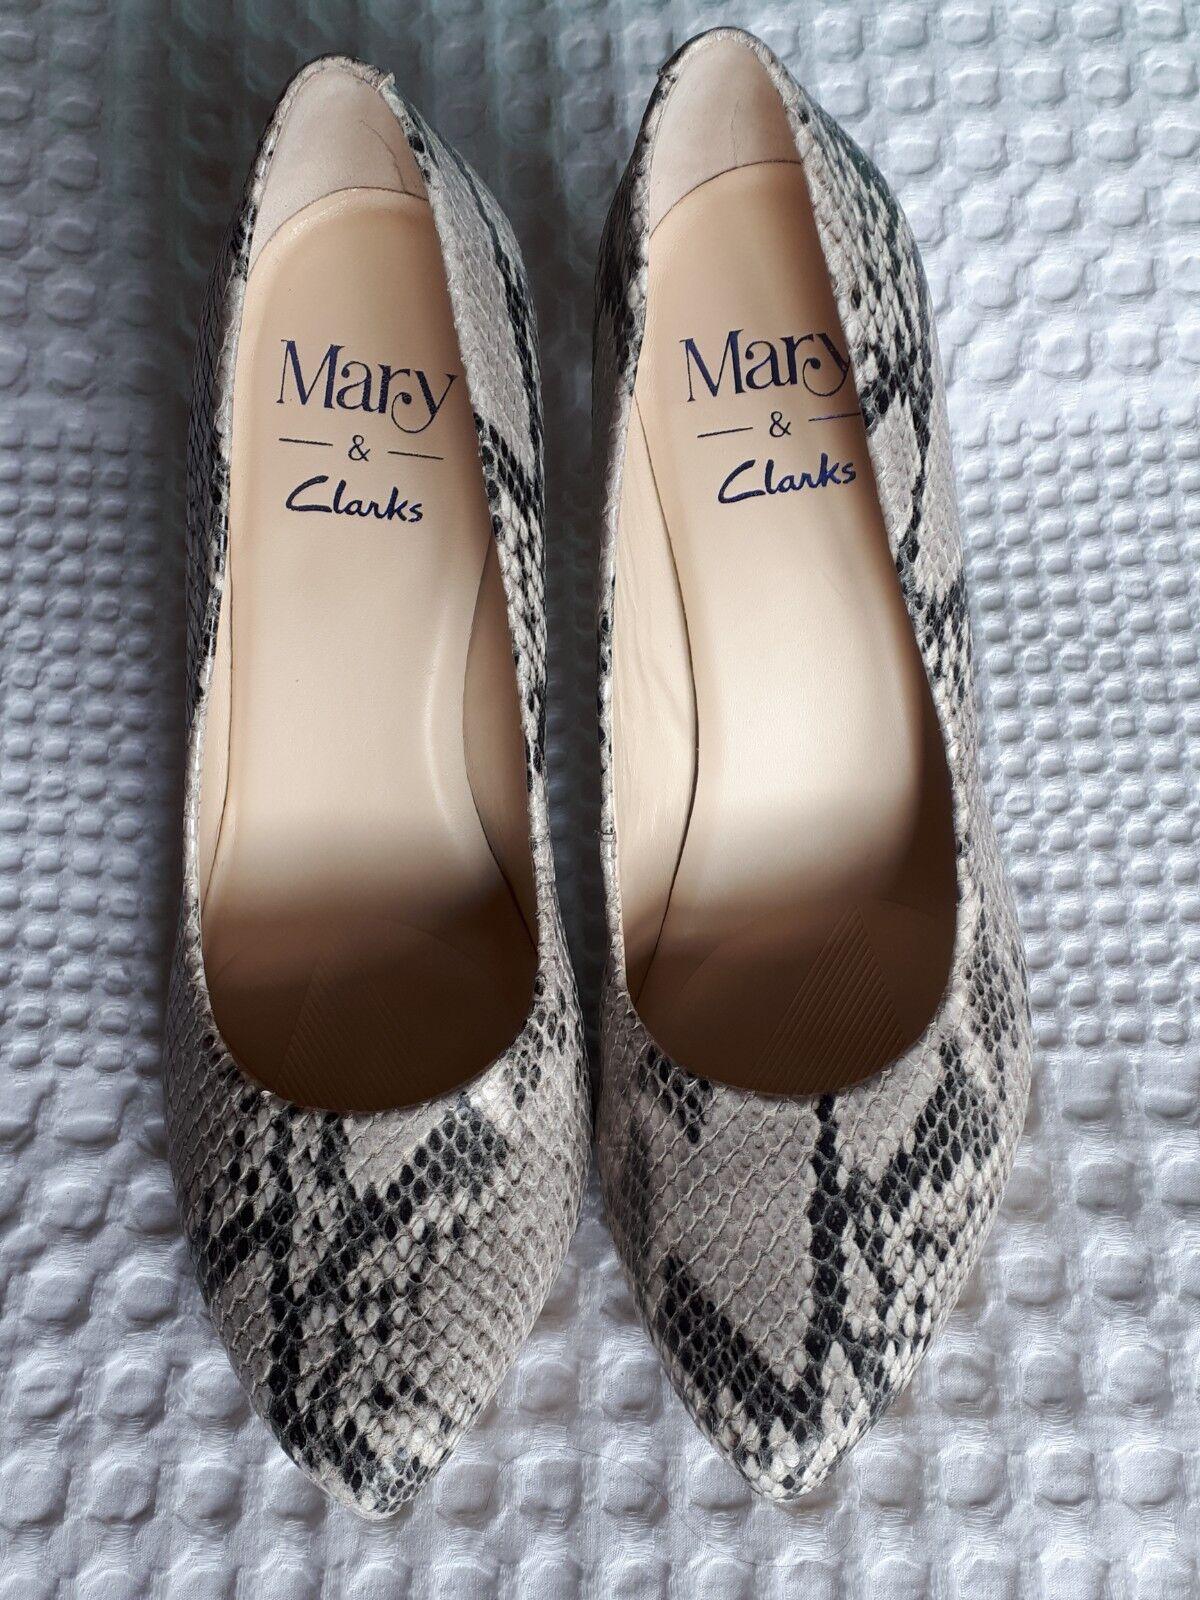 Magnifique Cuir Peau De Serpent Chaussures par Mary pour Clarks Taille 5 entièrement neuf sans étiquette